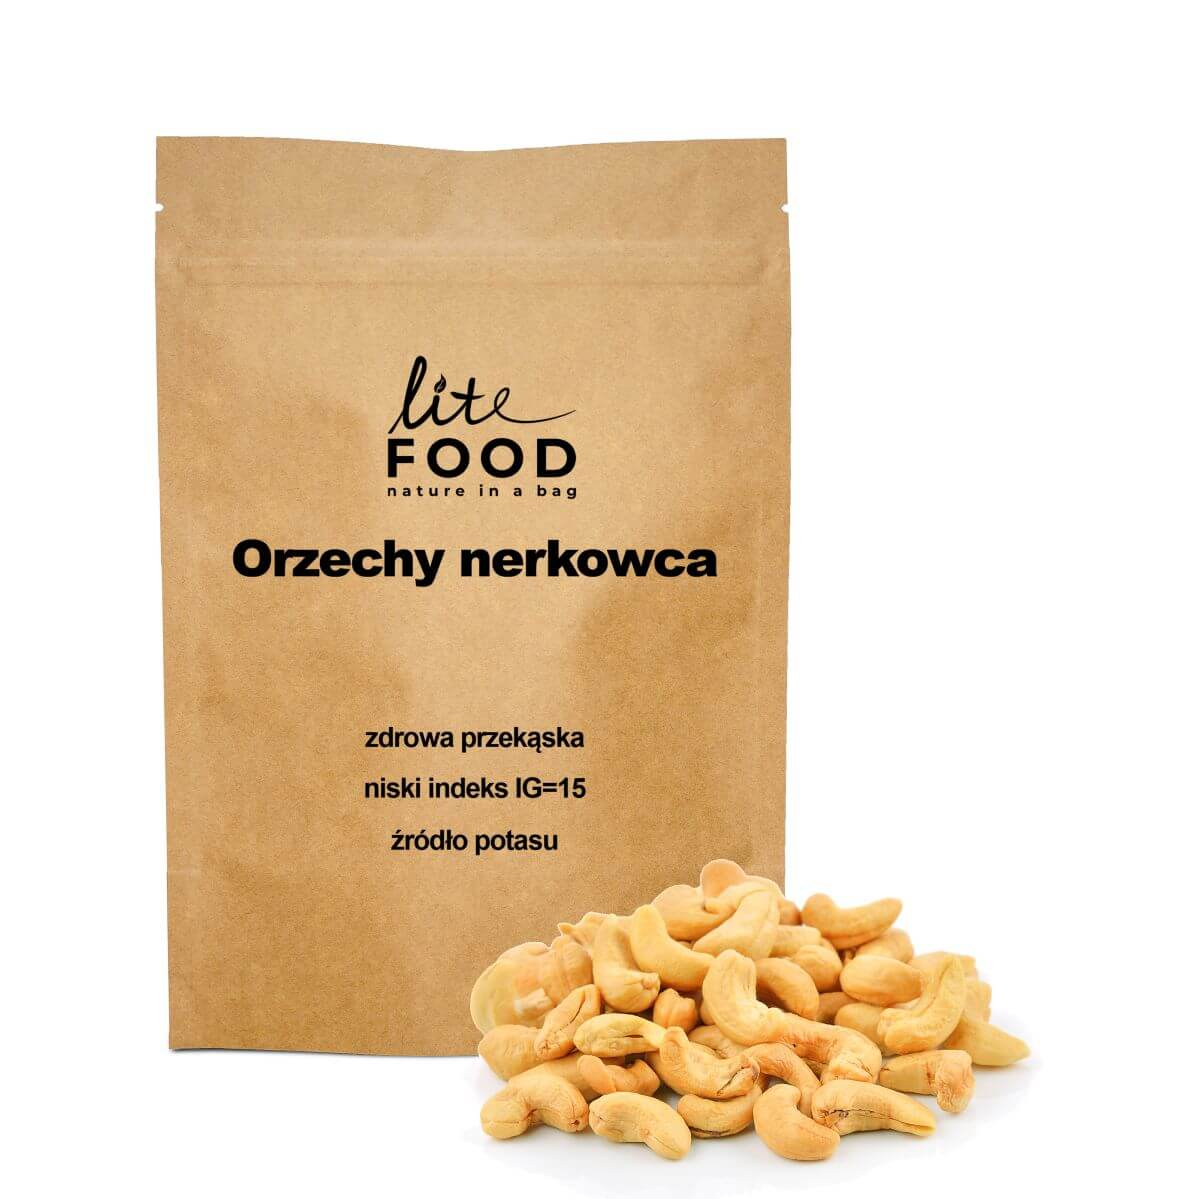 orzechy_nerkowca_1200